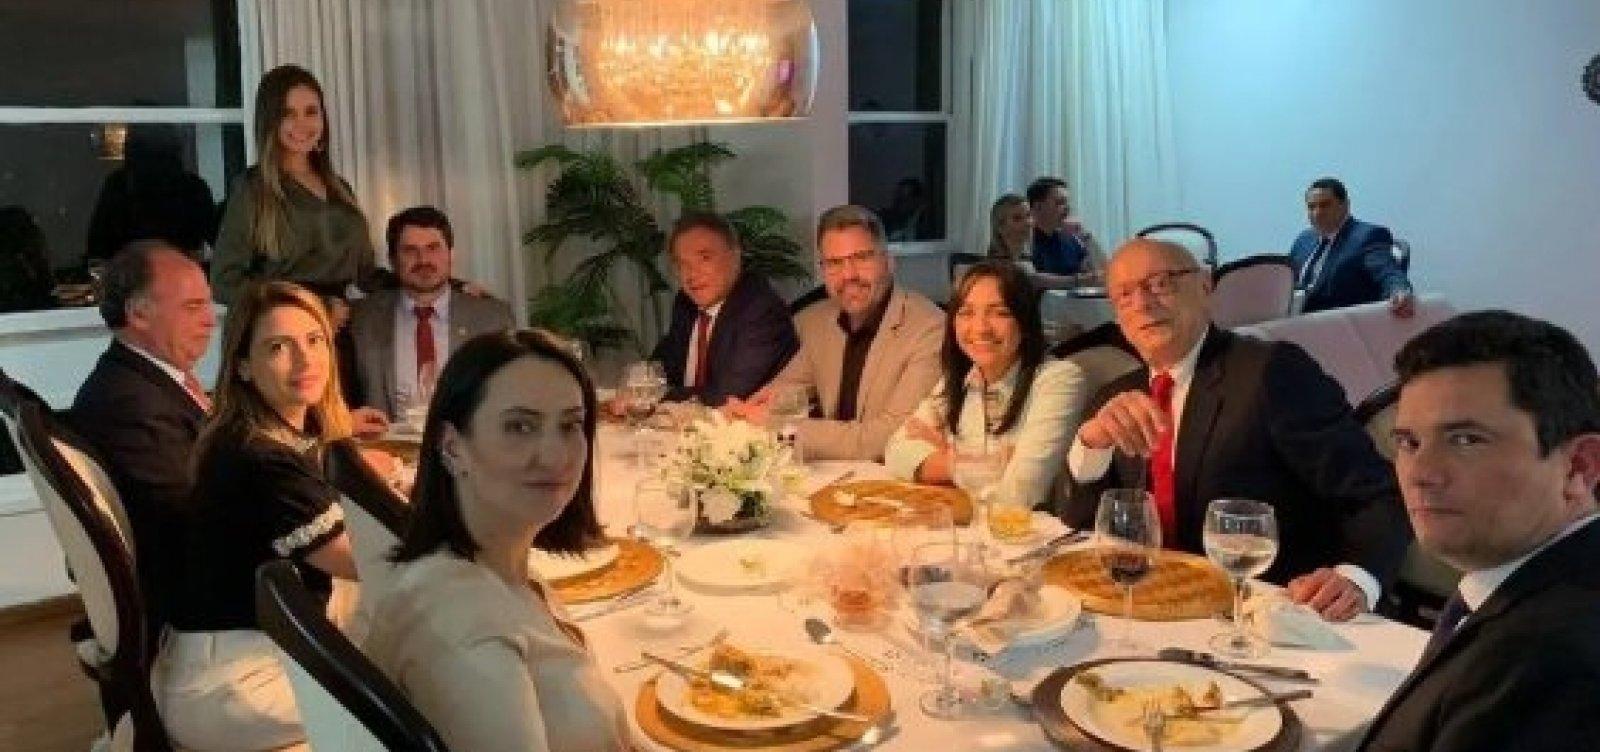 [Moro janta com senadores após aprovação de medidas contra abuso de autoridade]